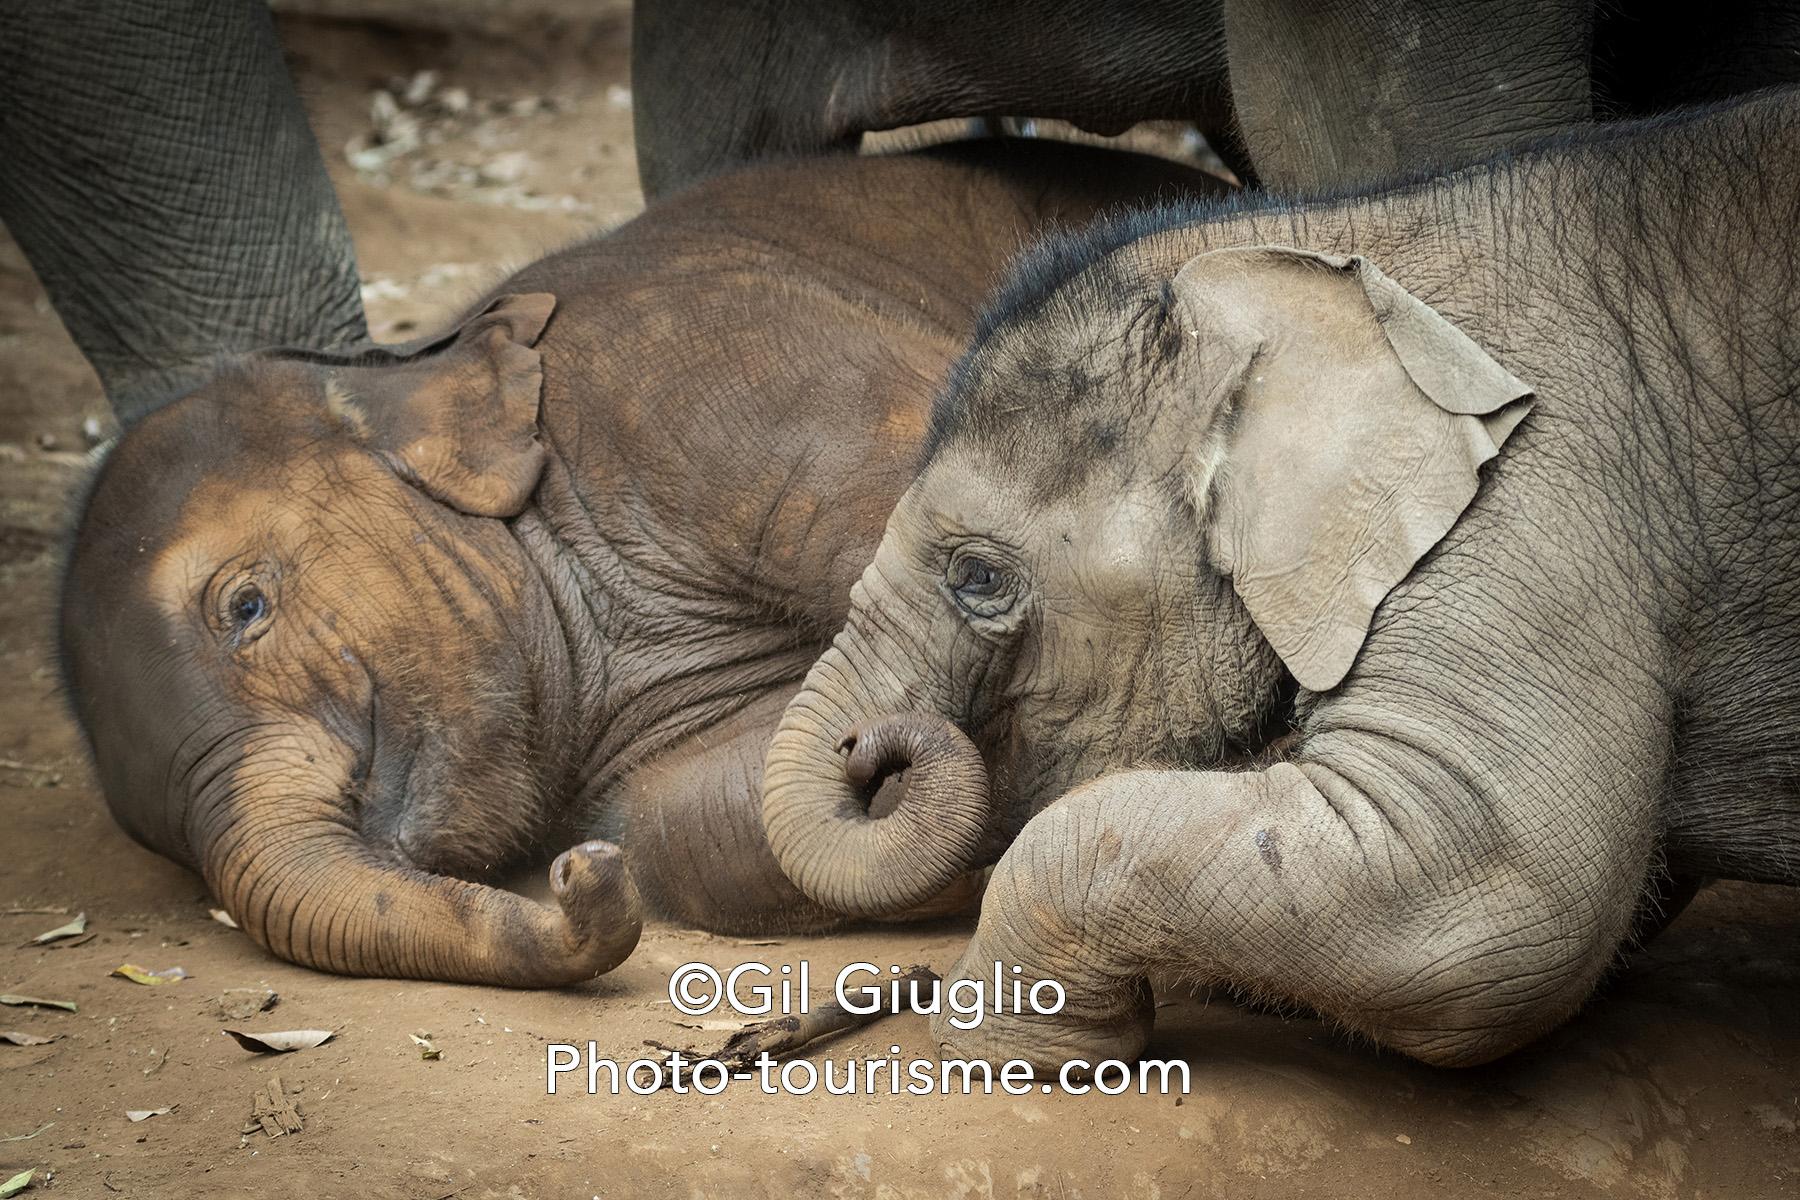 Deux éléphanteaux jouent ensemble